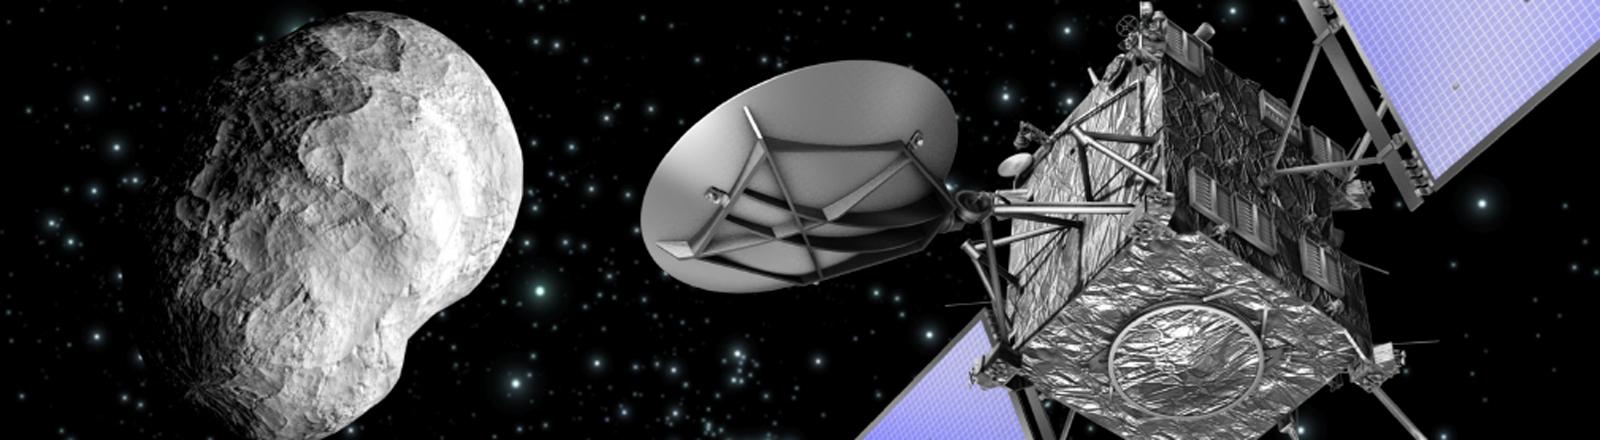 Symbolbild der Raumsonde Rosetta und des Kometen Tschuri